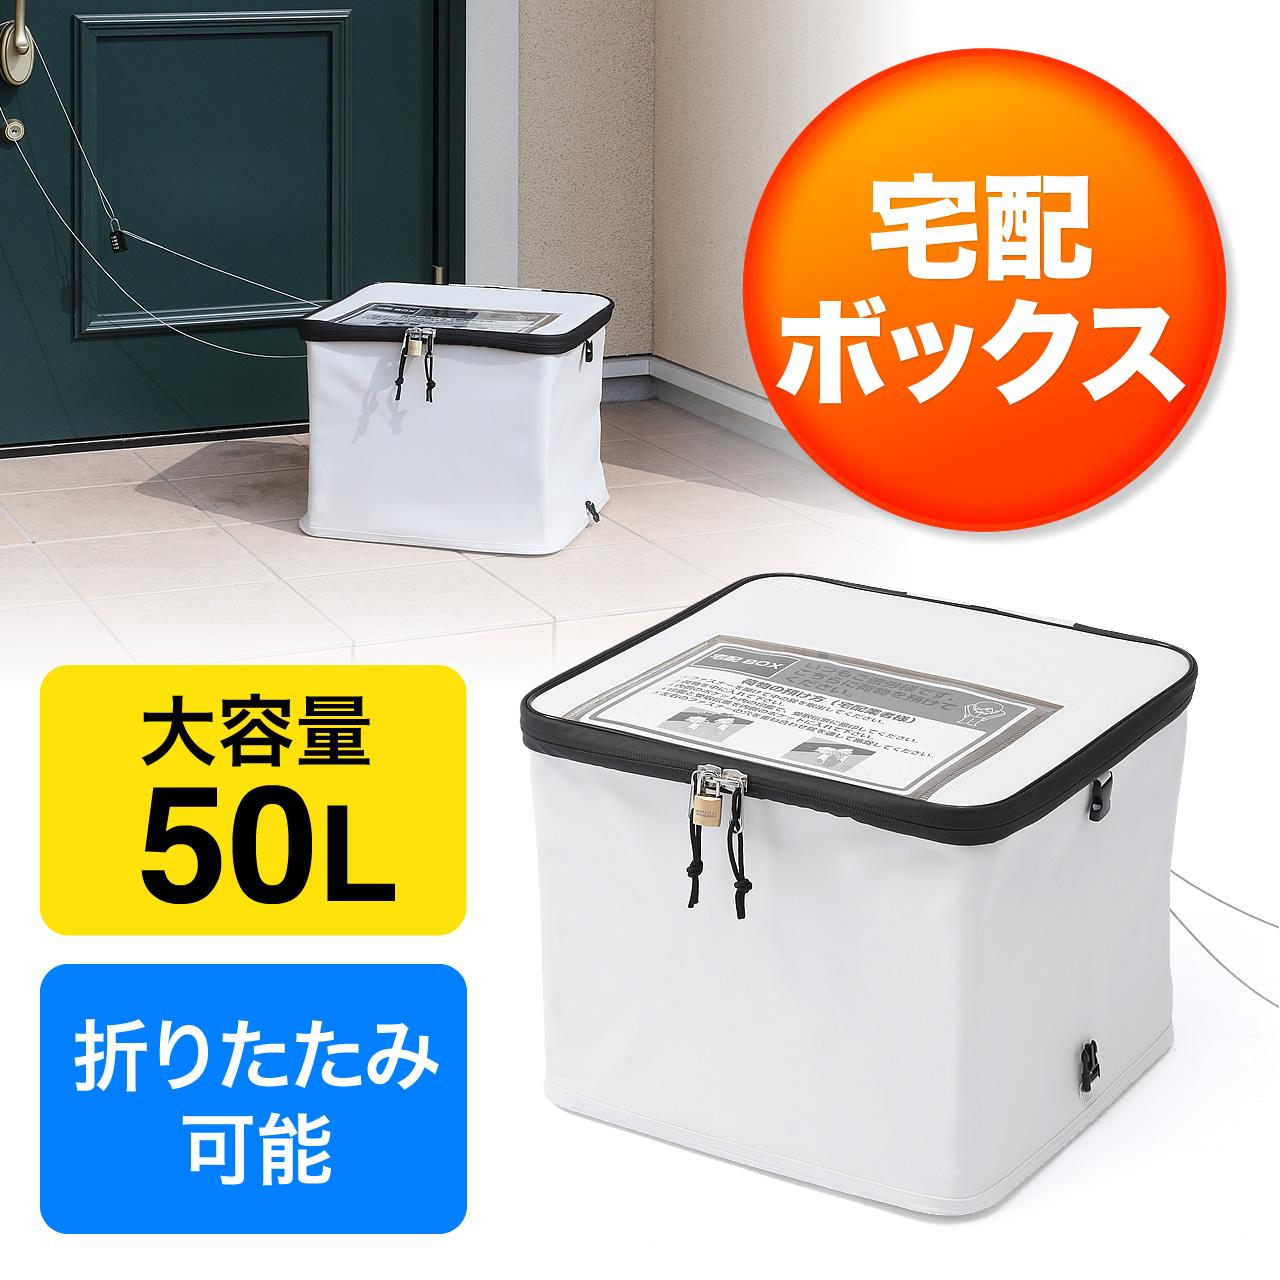 宅配ボックス(簡易固定・折りた...